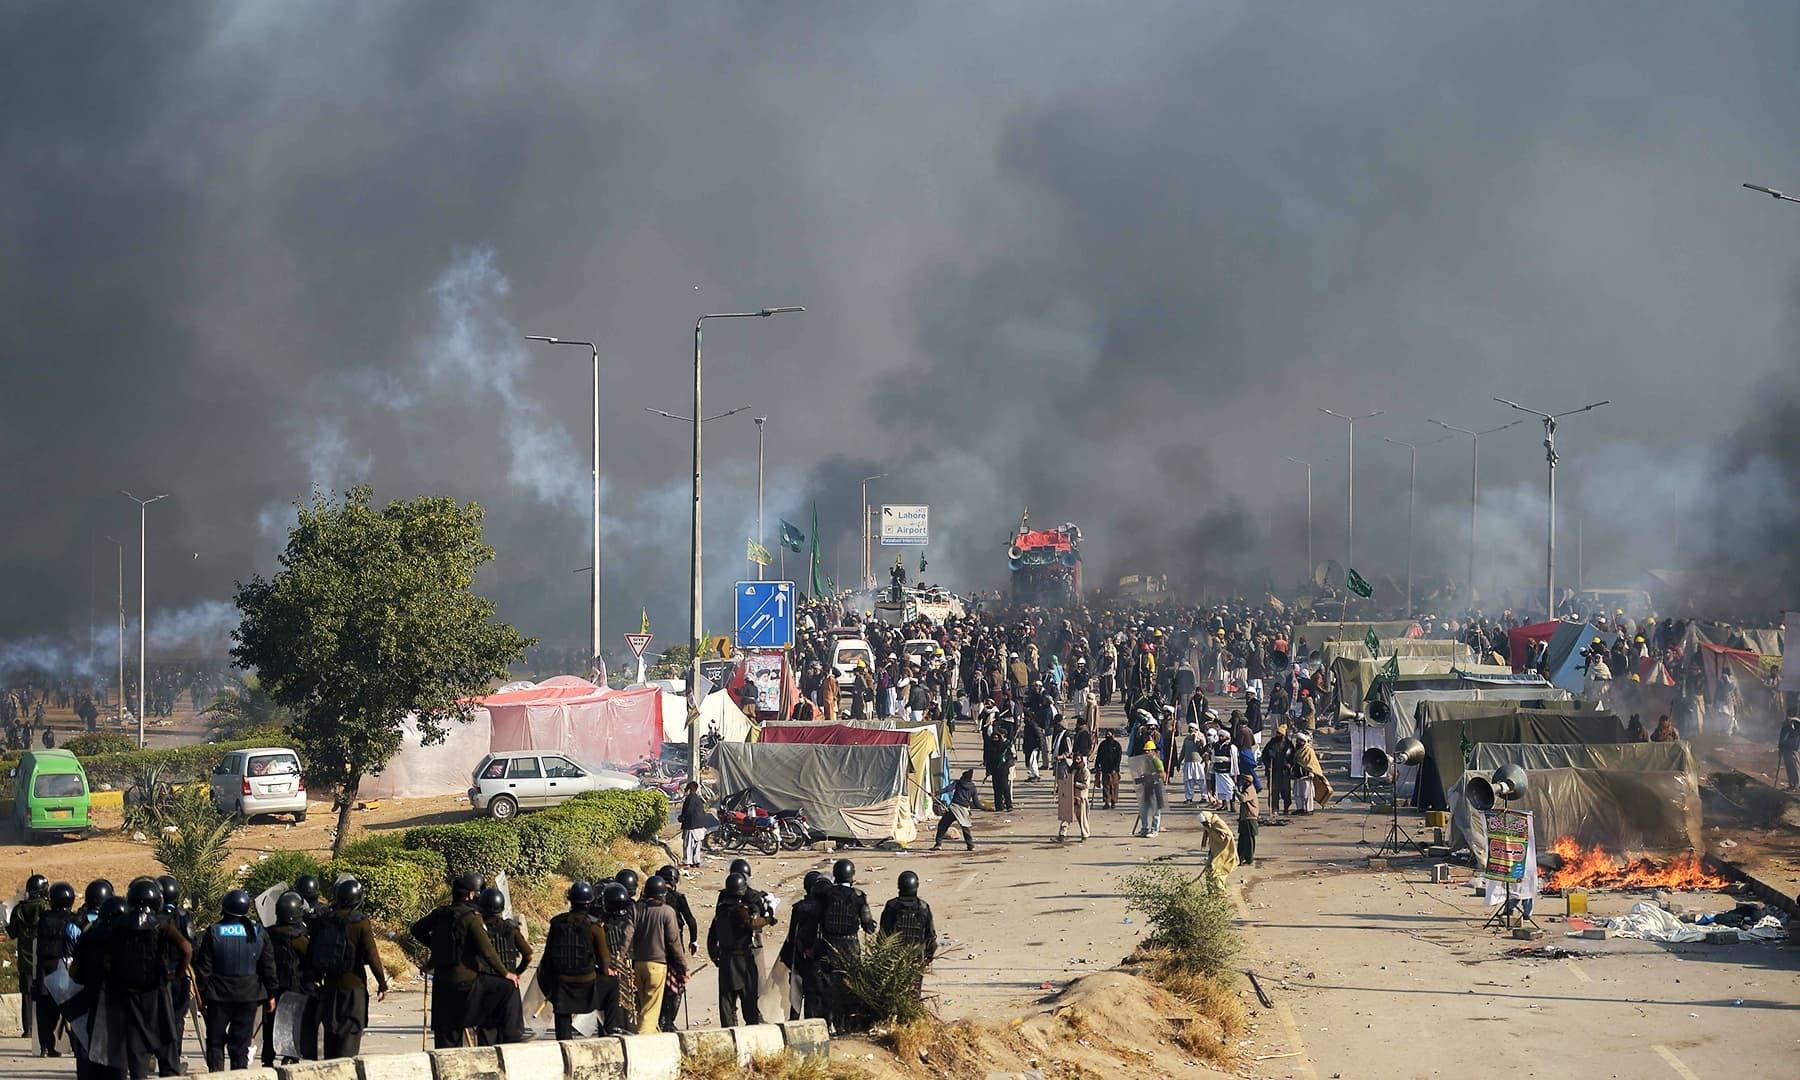 پولیس اور مظاہرین کے درمیان جھڑپ کا ایک منظر — اے ایف پی